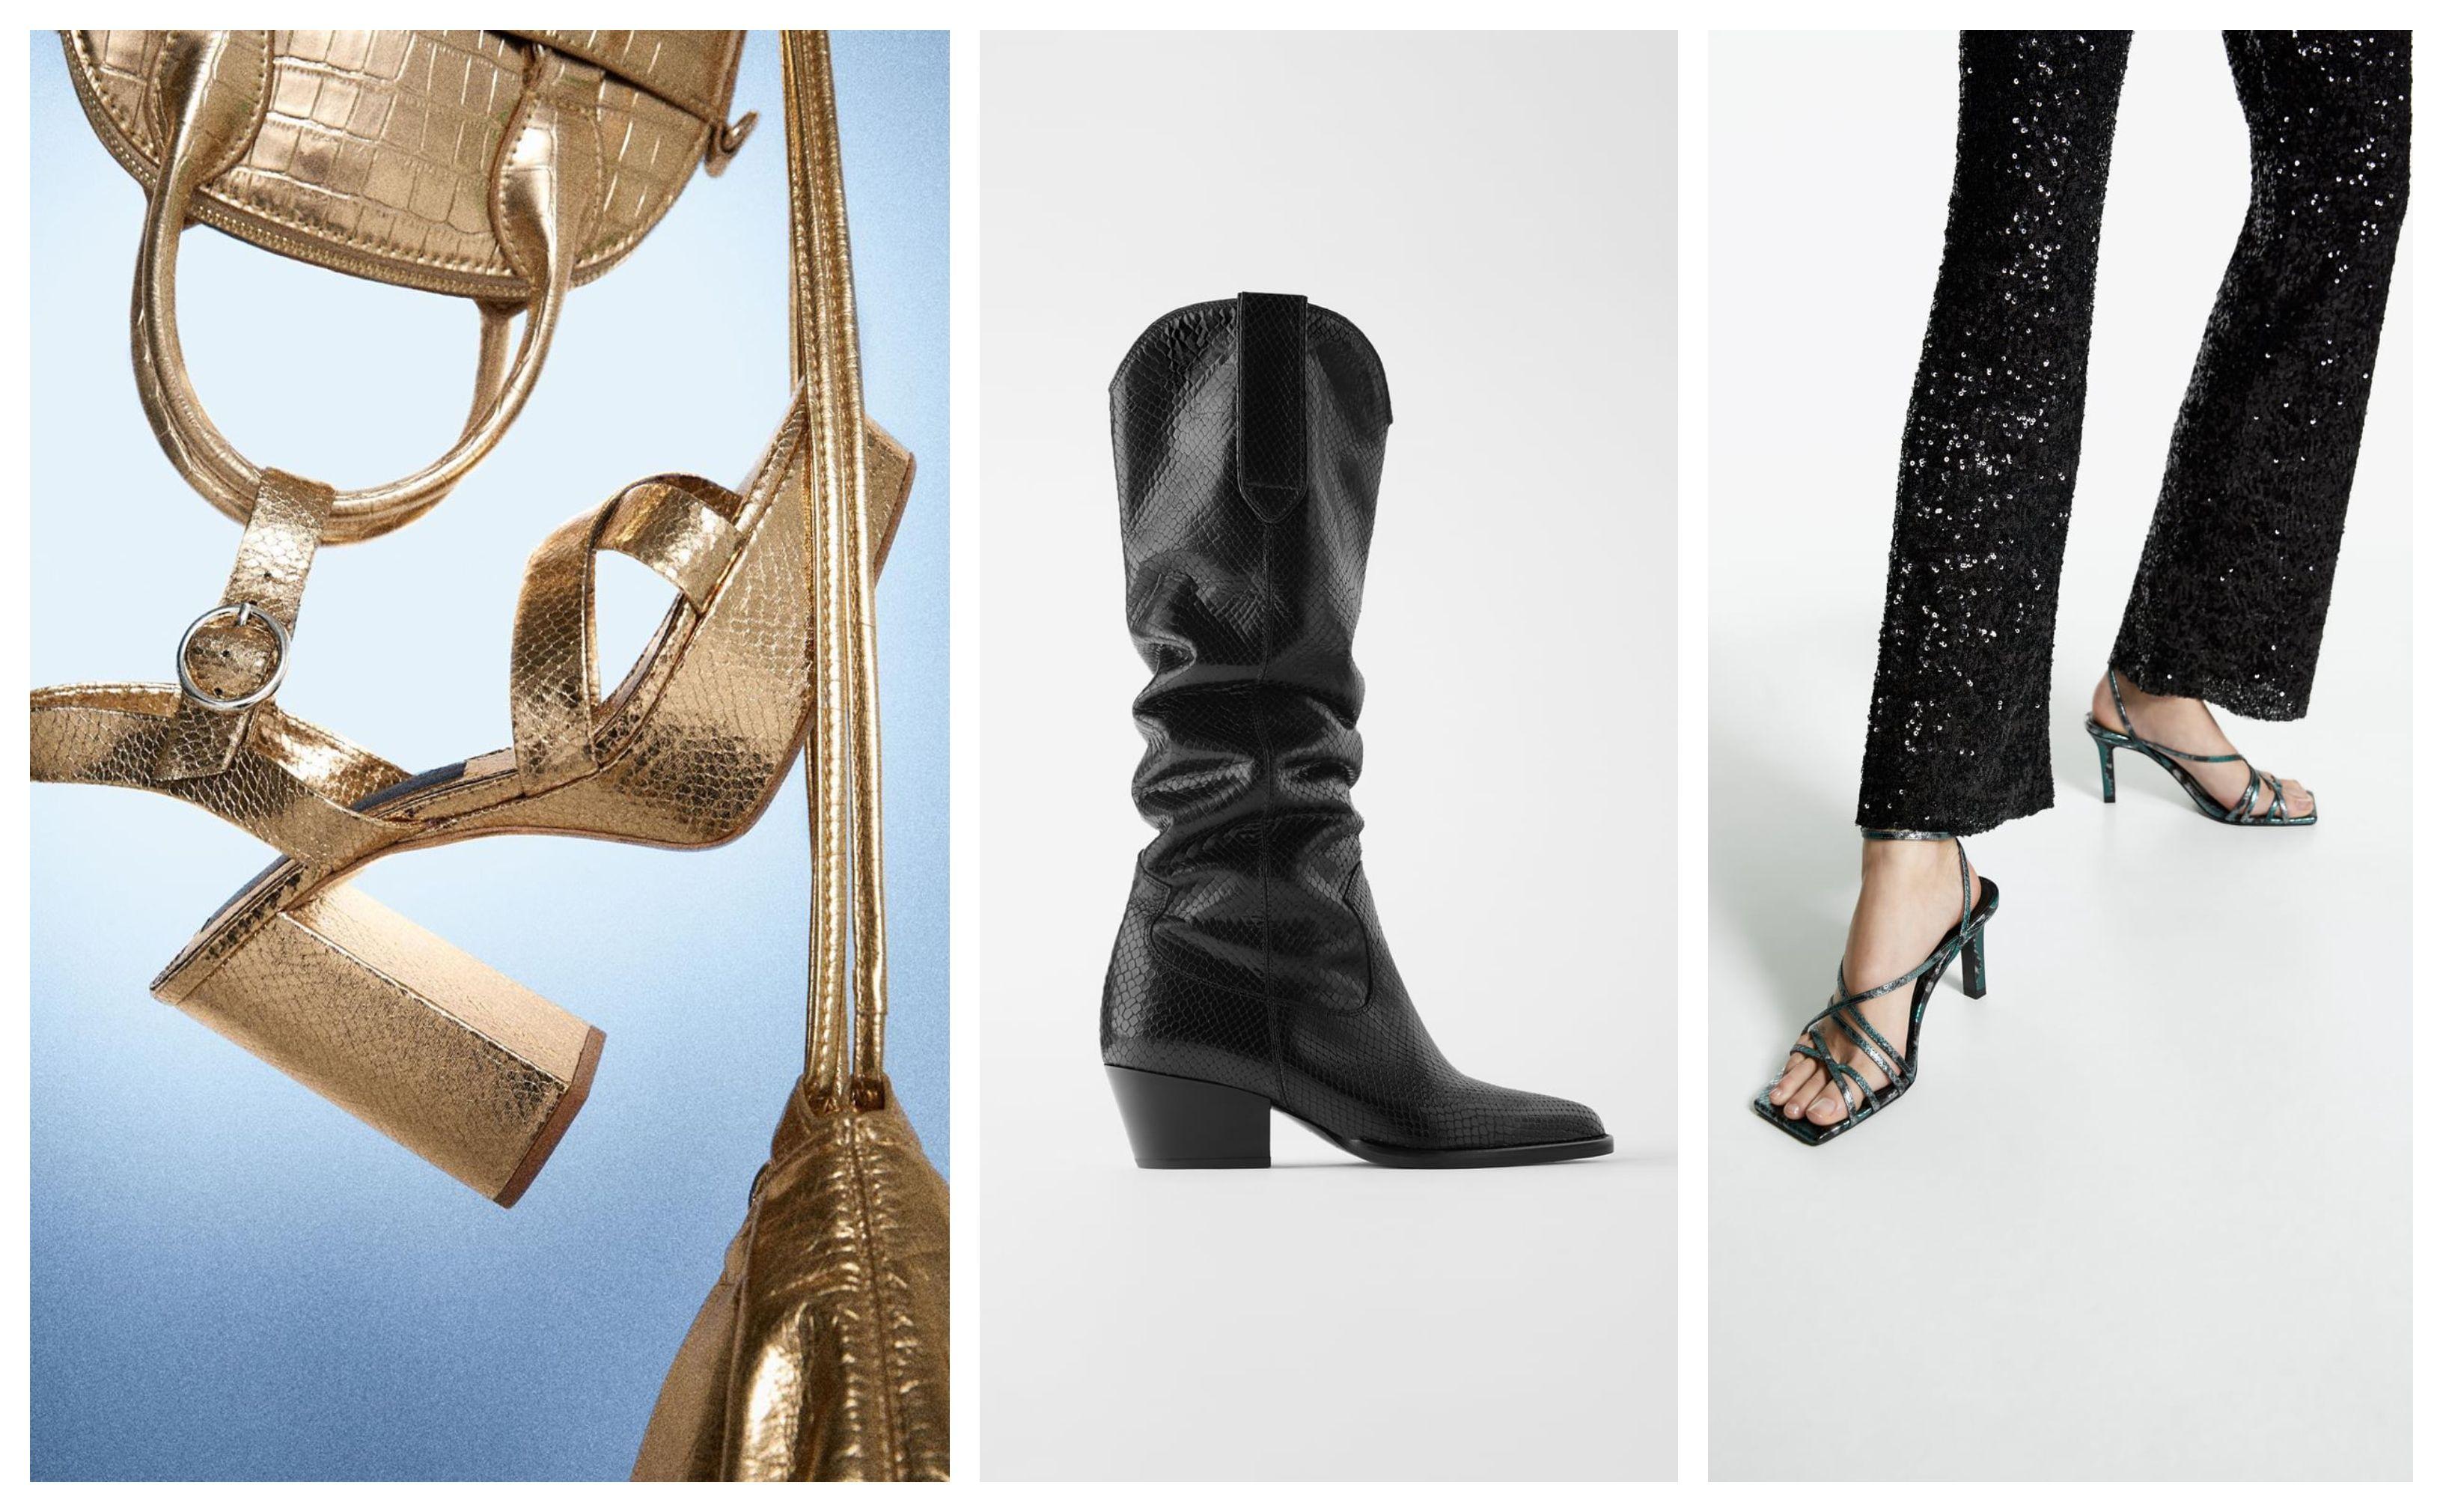 Volimo sniženja, ali morali smo zaviriti i u novu kolekciju - evo najljepših cipela sa Zarinim potpisom!